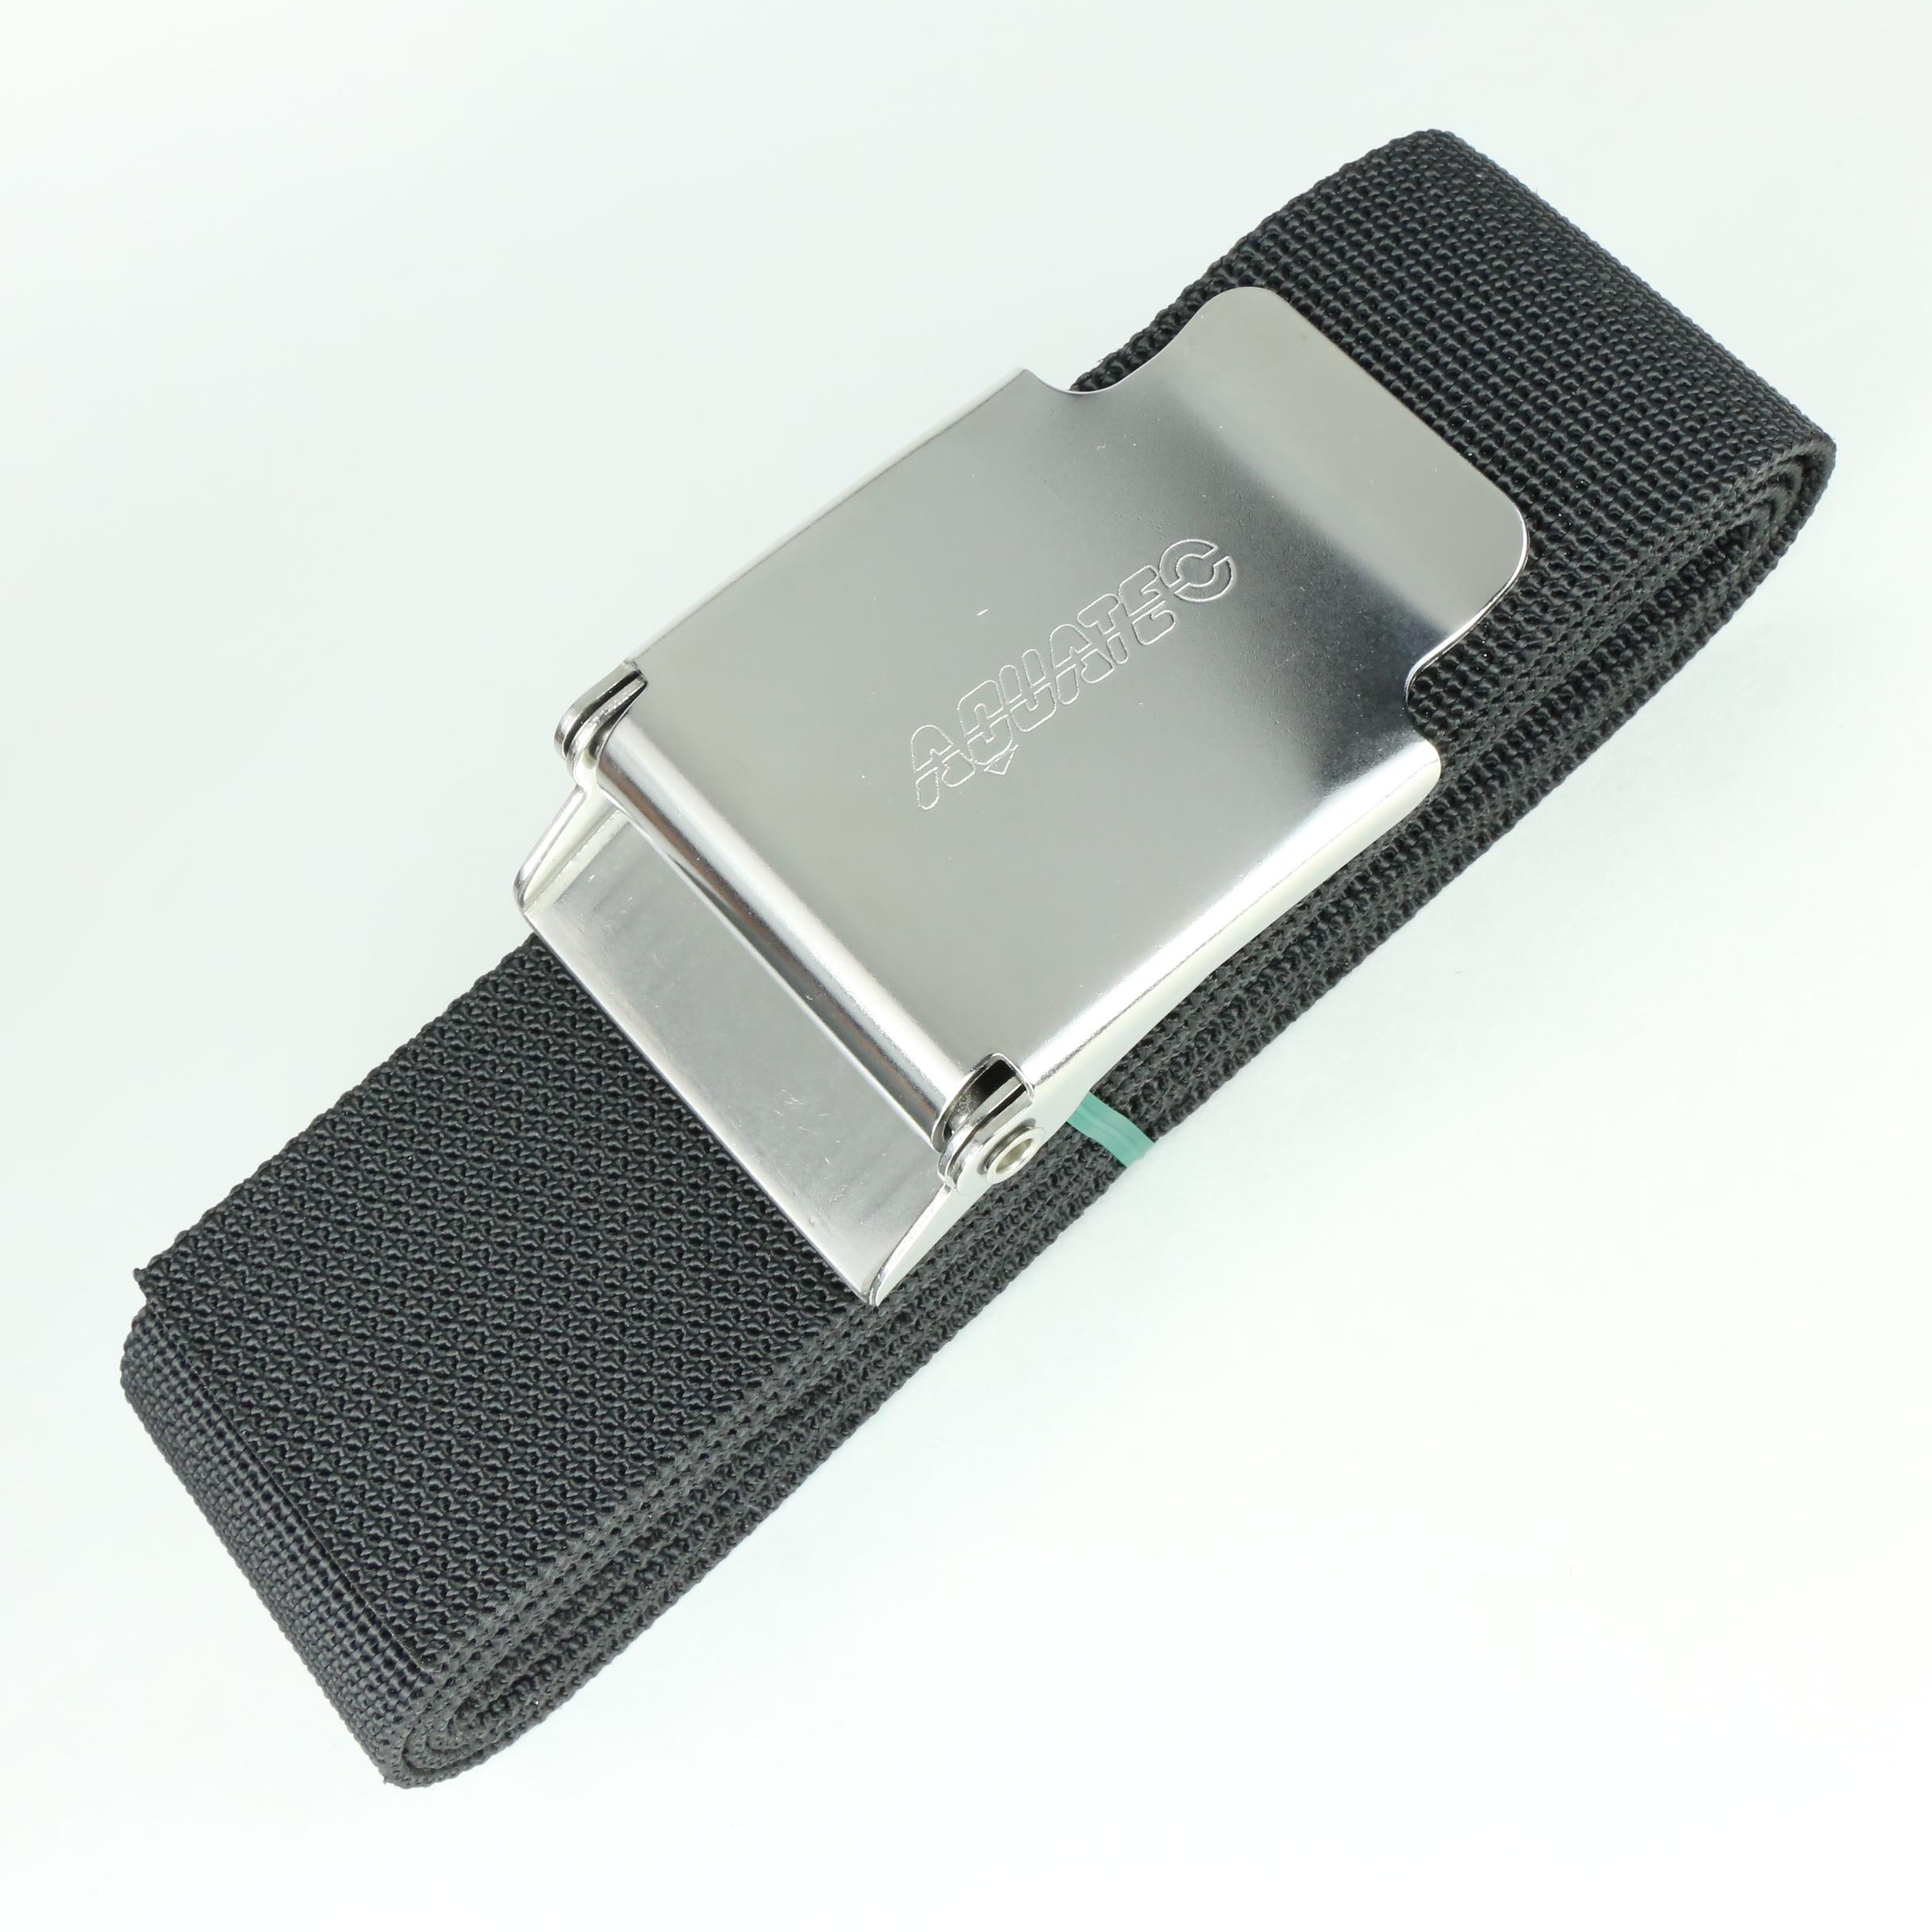 Diving Weight Belt - WB-200 Diving Weight belt